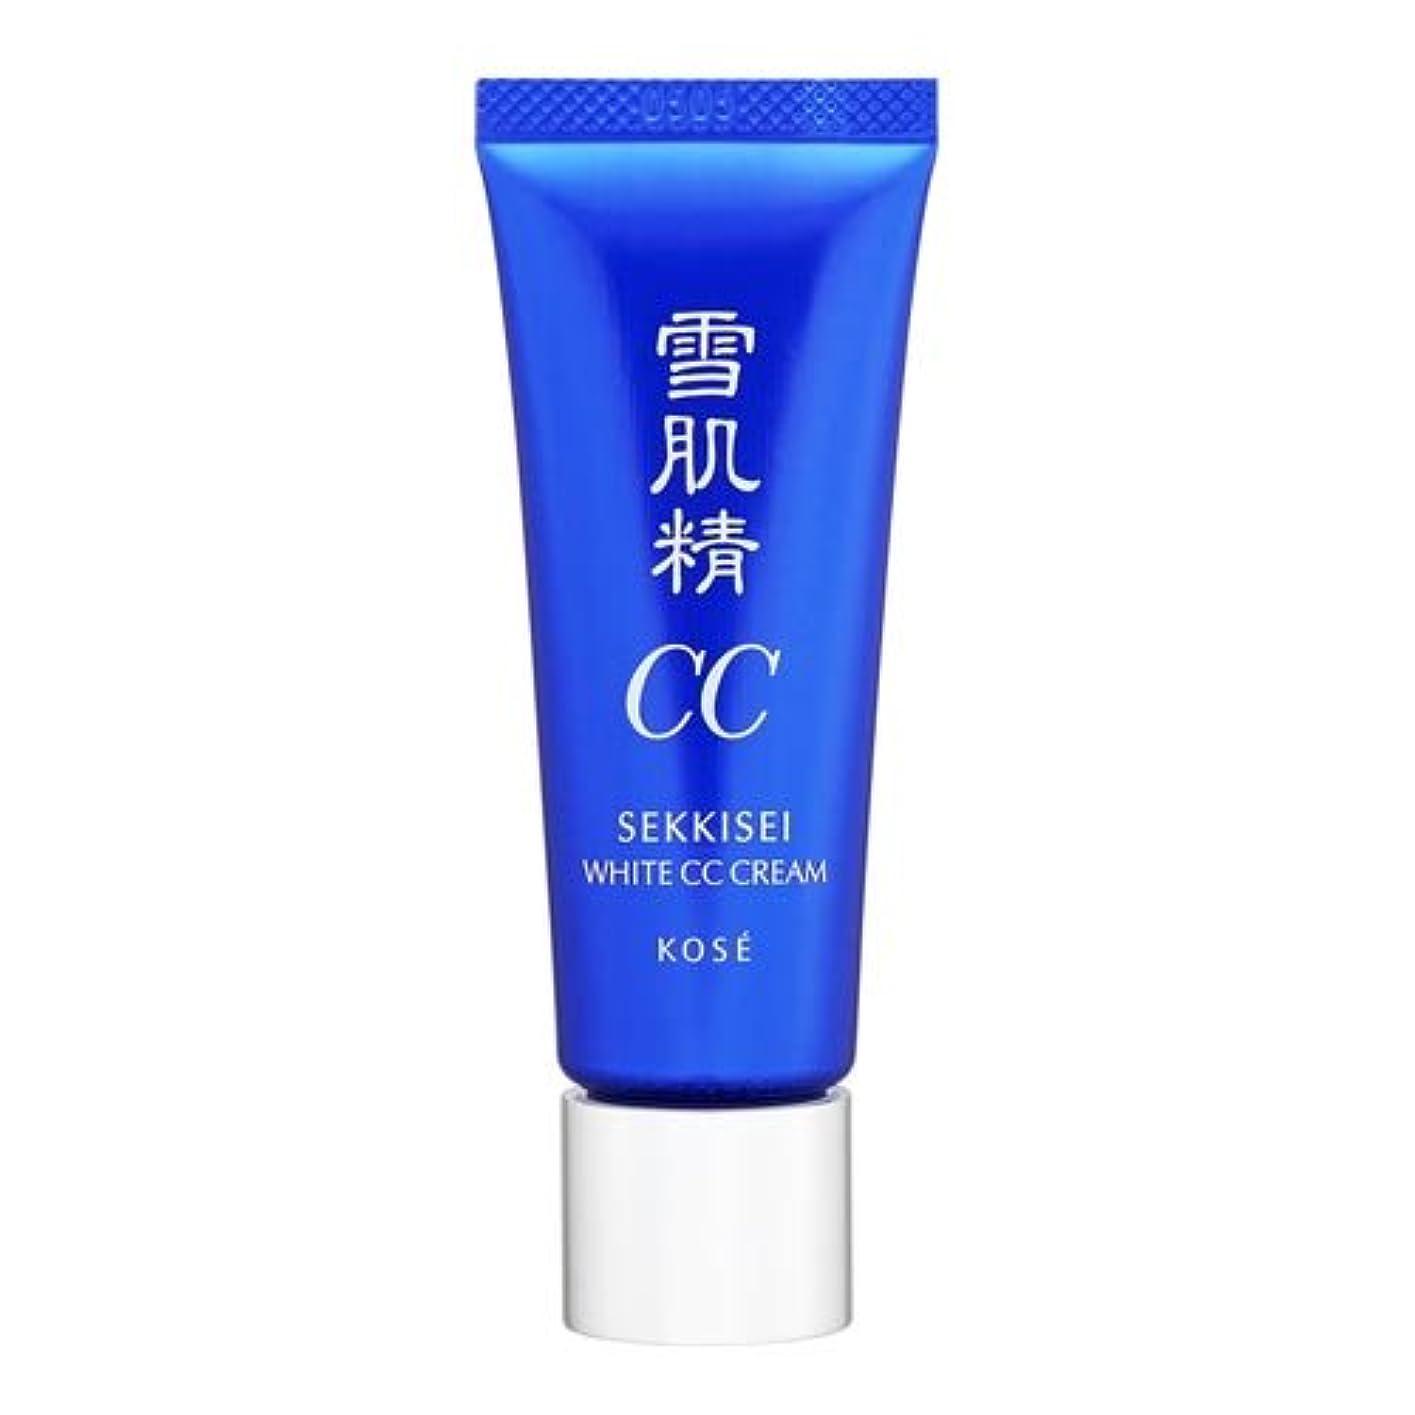 ケーブル頭痛腰コーセー 雪肌精 ホワイト CCクリーム 01 ライトオークル 26ml [並行輸入品]